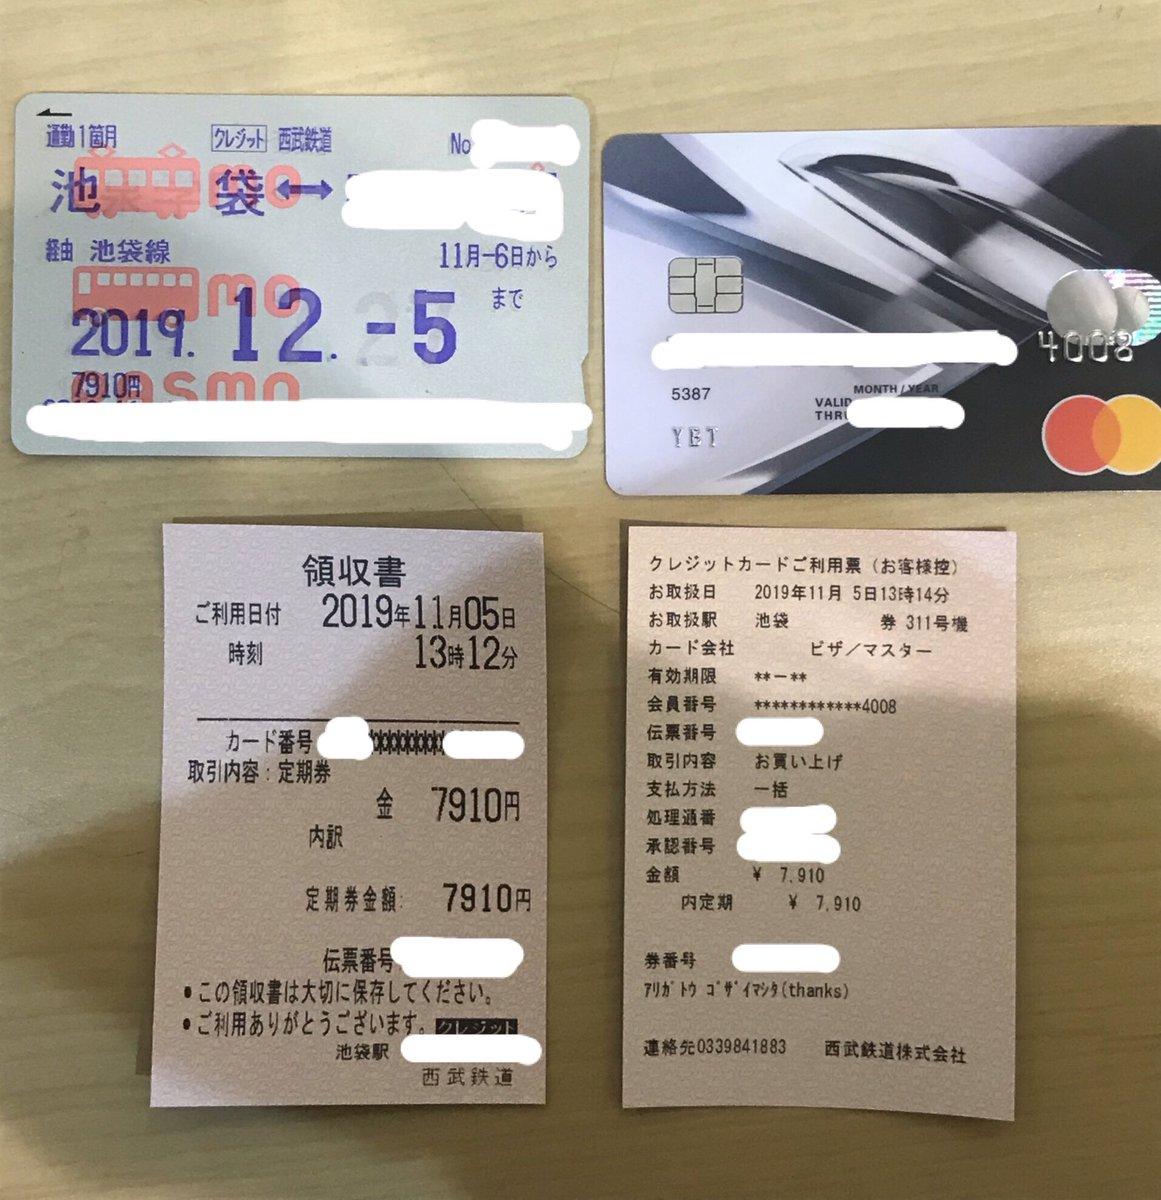 Youbank の Youbankカード(デビッドカード) で、西武鉄道で定期券購入成功できたよ。JRも買えるらしいし、電車のチケットを仮想通貨で買えるの嬉しい。YBTか、USDT、USDAで100ドル以上からチャージ可能!!よし、皆でYoubank始めよう!!#youbank #ybt #usdt #USDA #仮想通貨